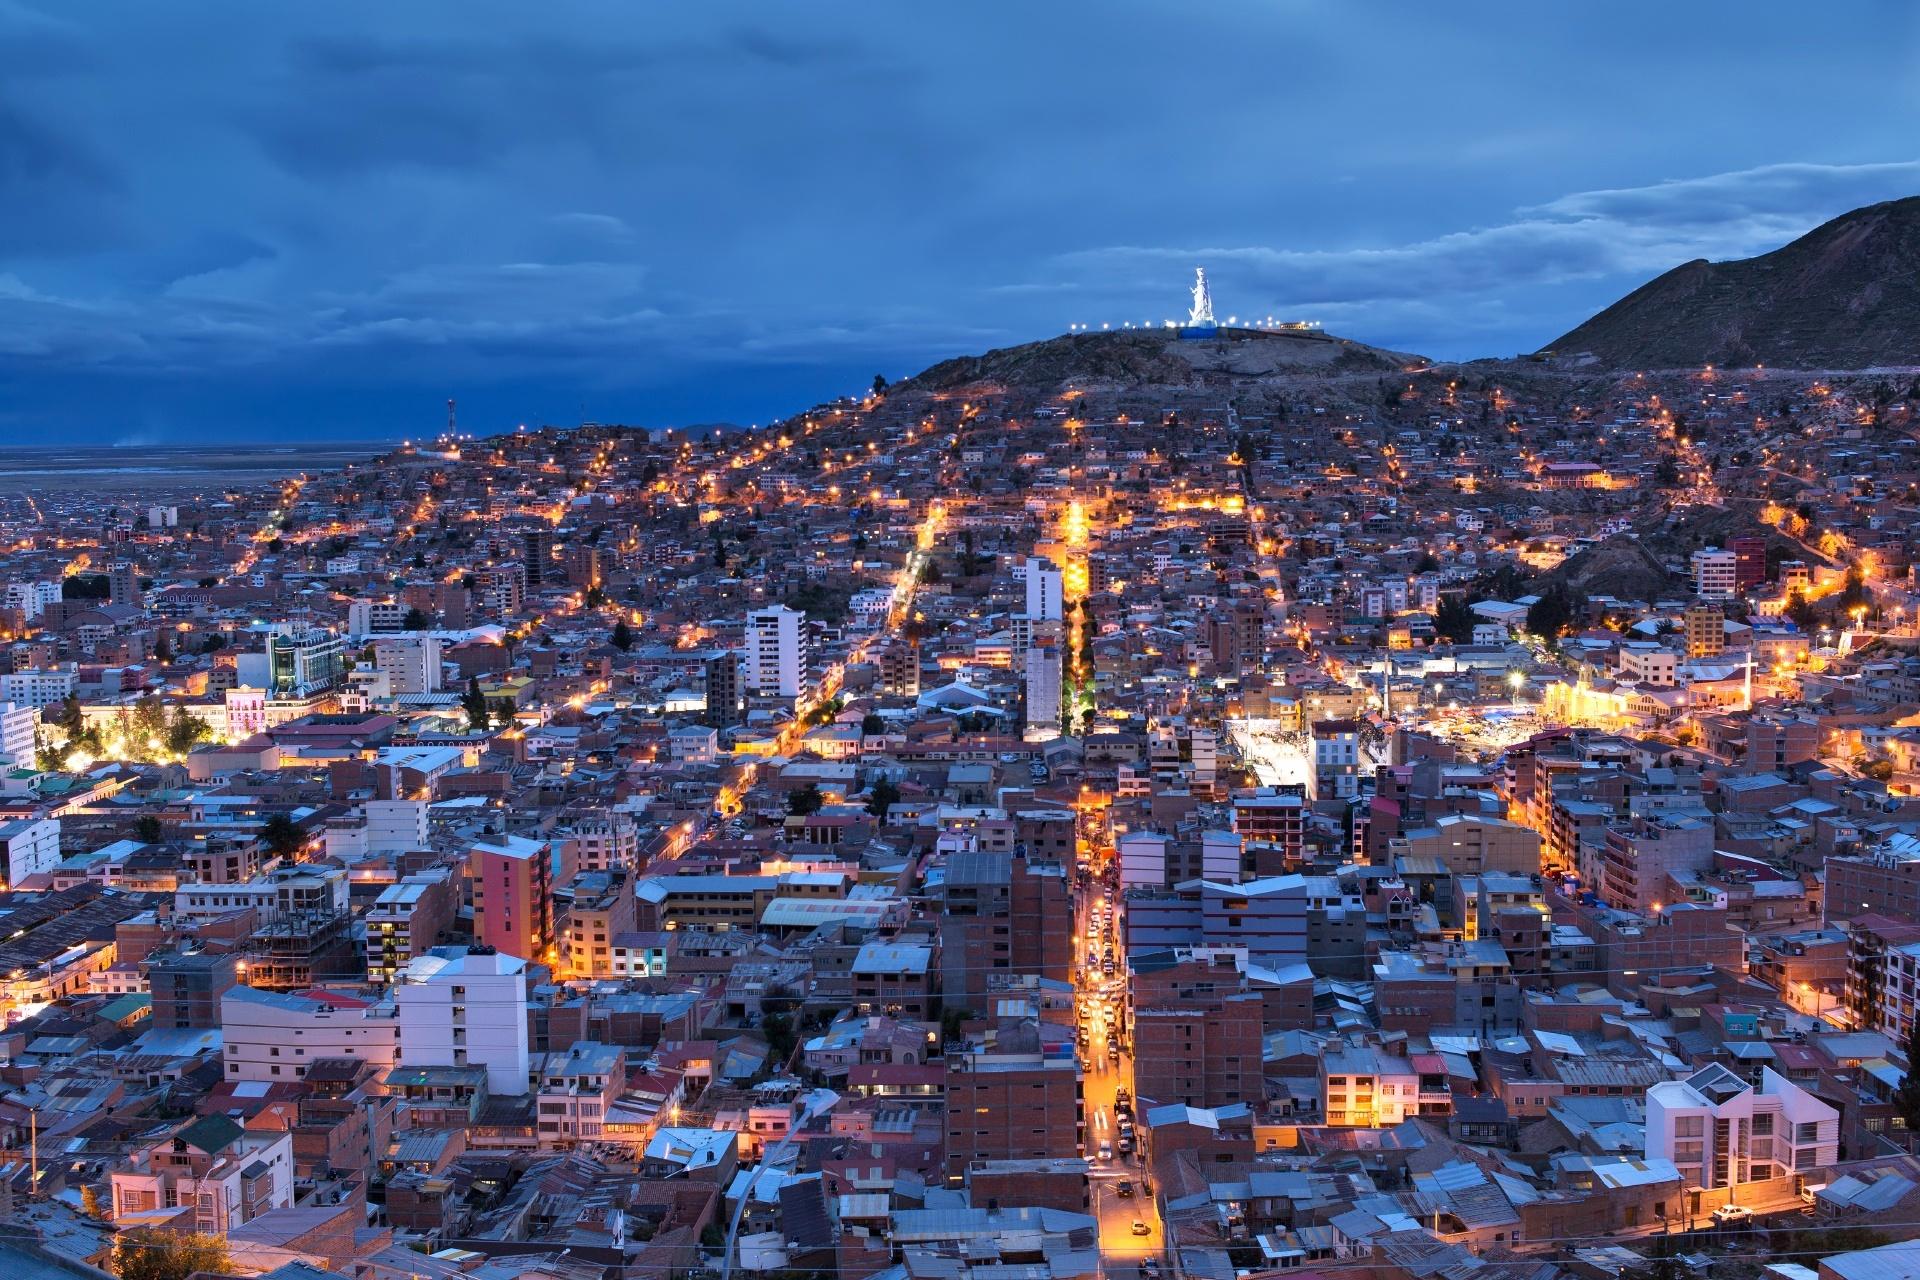 ボリビア オルロの風景 ボリビアの風景